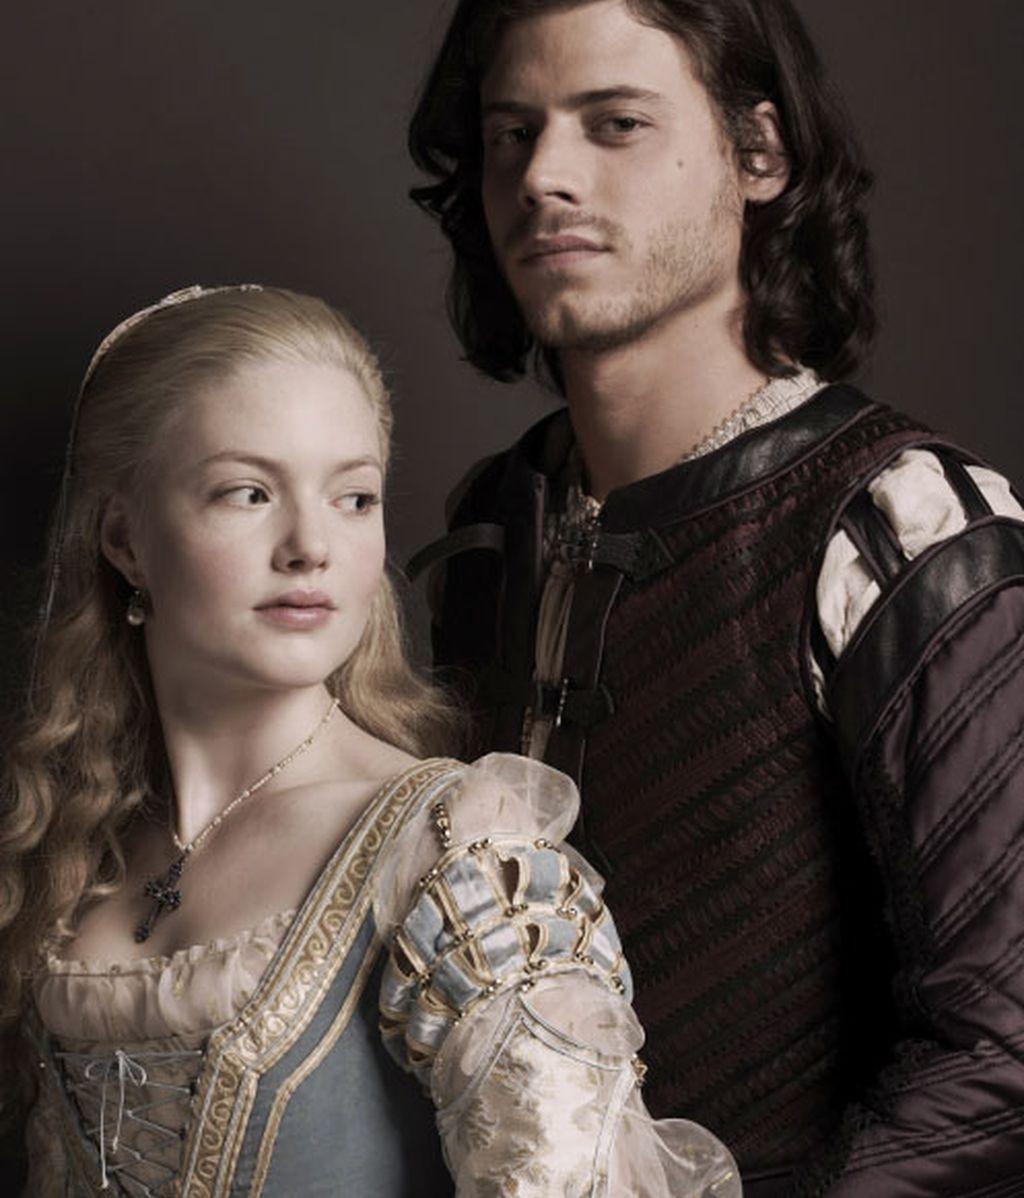 Lucrecia y César una relación incestuosa